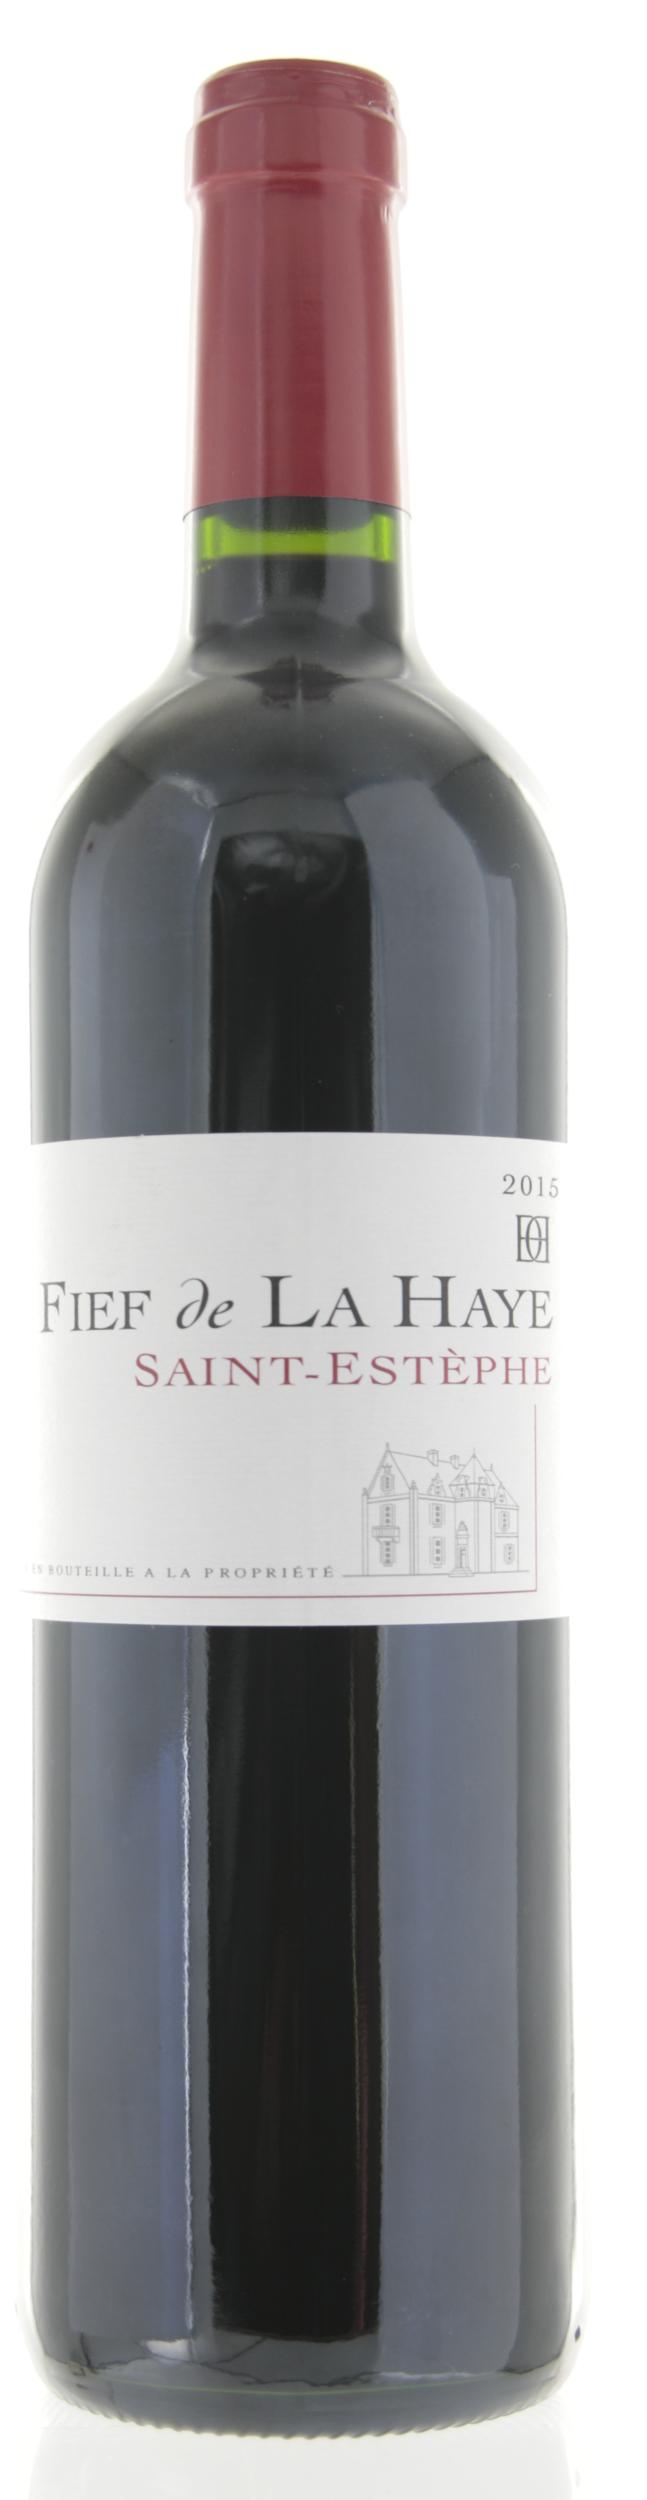 Saint Estephe - Fief de la Haye - 2015